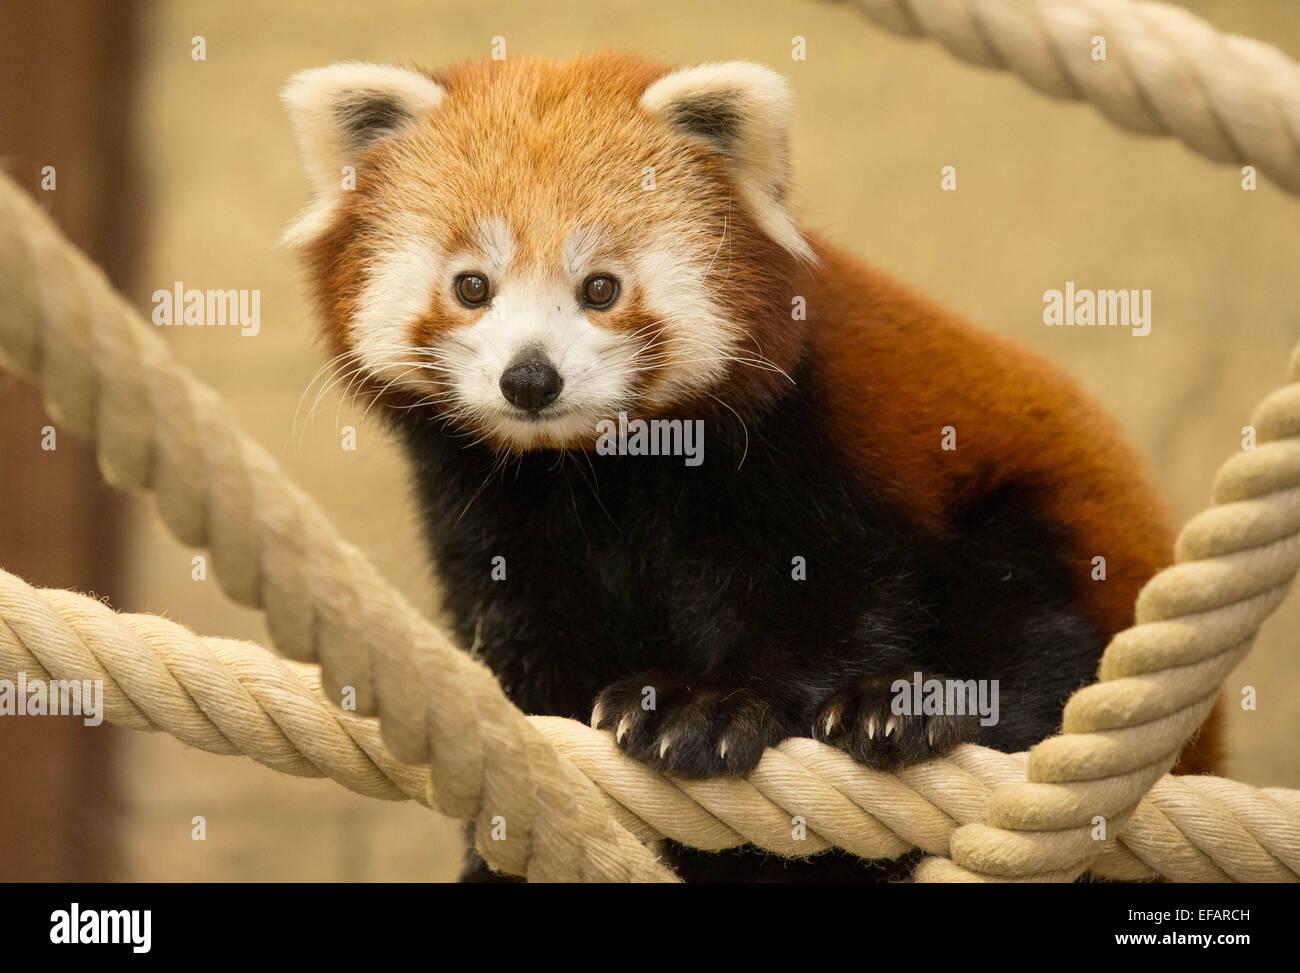 Osnabrück, Deutschland. 30. Germany, 2015. Ein roter Panda namens Yang ist im Zoo Osnabrück, Deutschland, Stockbild